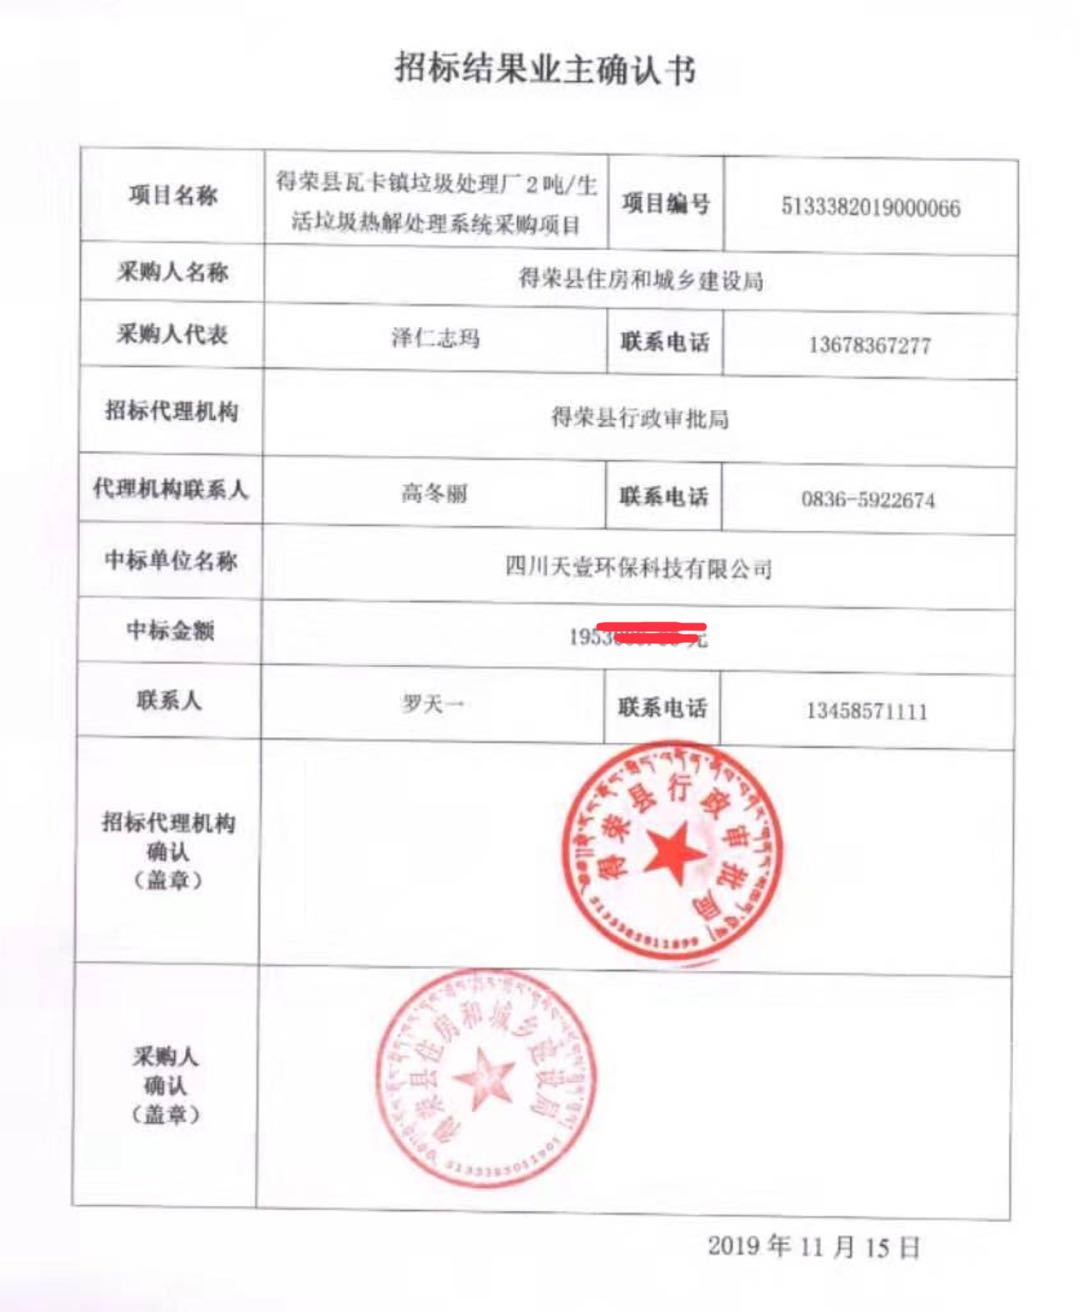 公司中标四川得荣县瓦卡镇垃圾处理厂生活垃圾热解处理系统项目